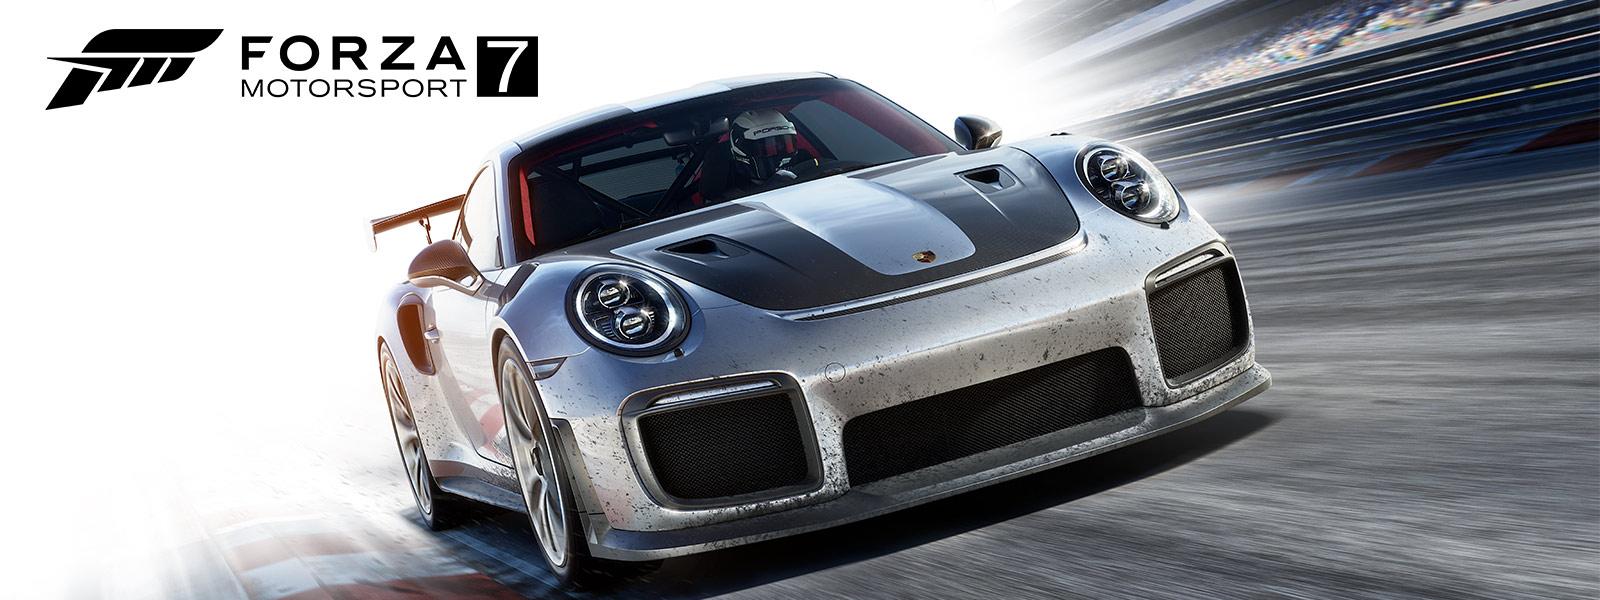 Bildschirm mit Forza Motorsport 7